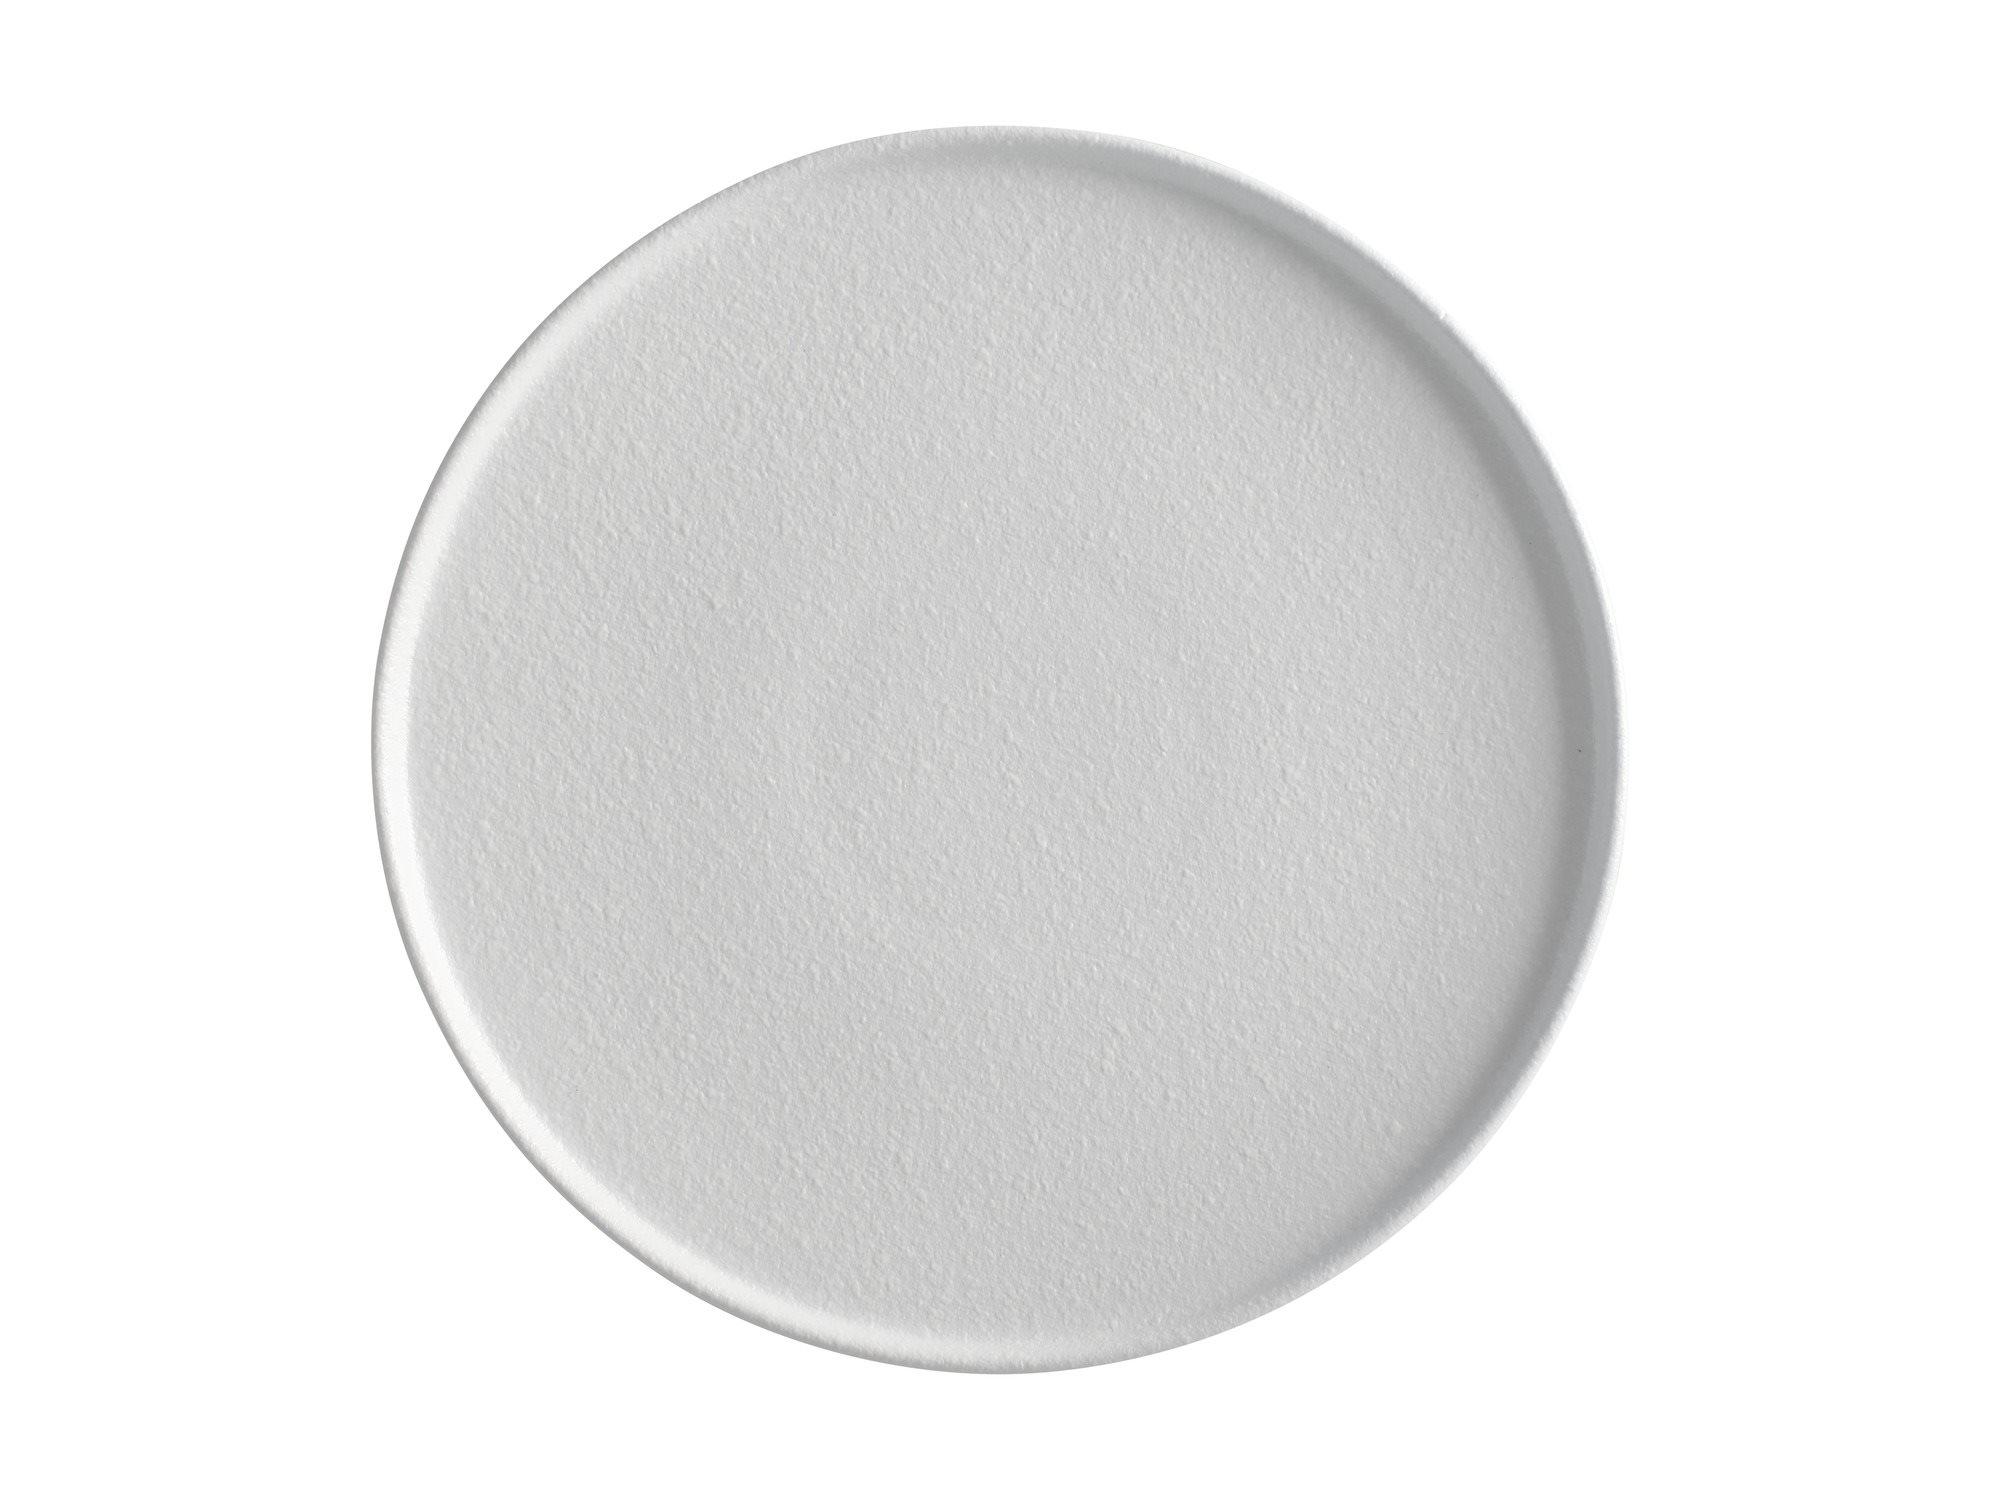 Maxwell & Williams Πιάτο Φαγητού με Ψηλό Χείλος Λευκό Caviar 26,5cm